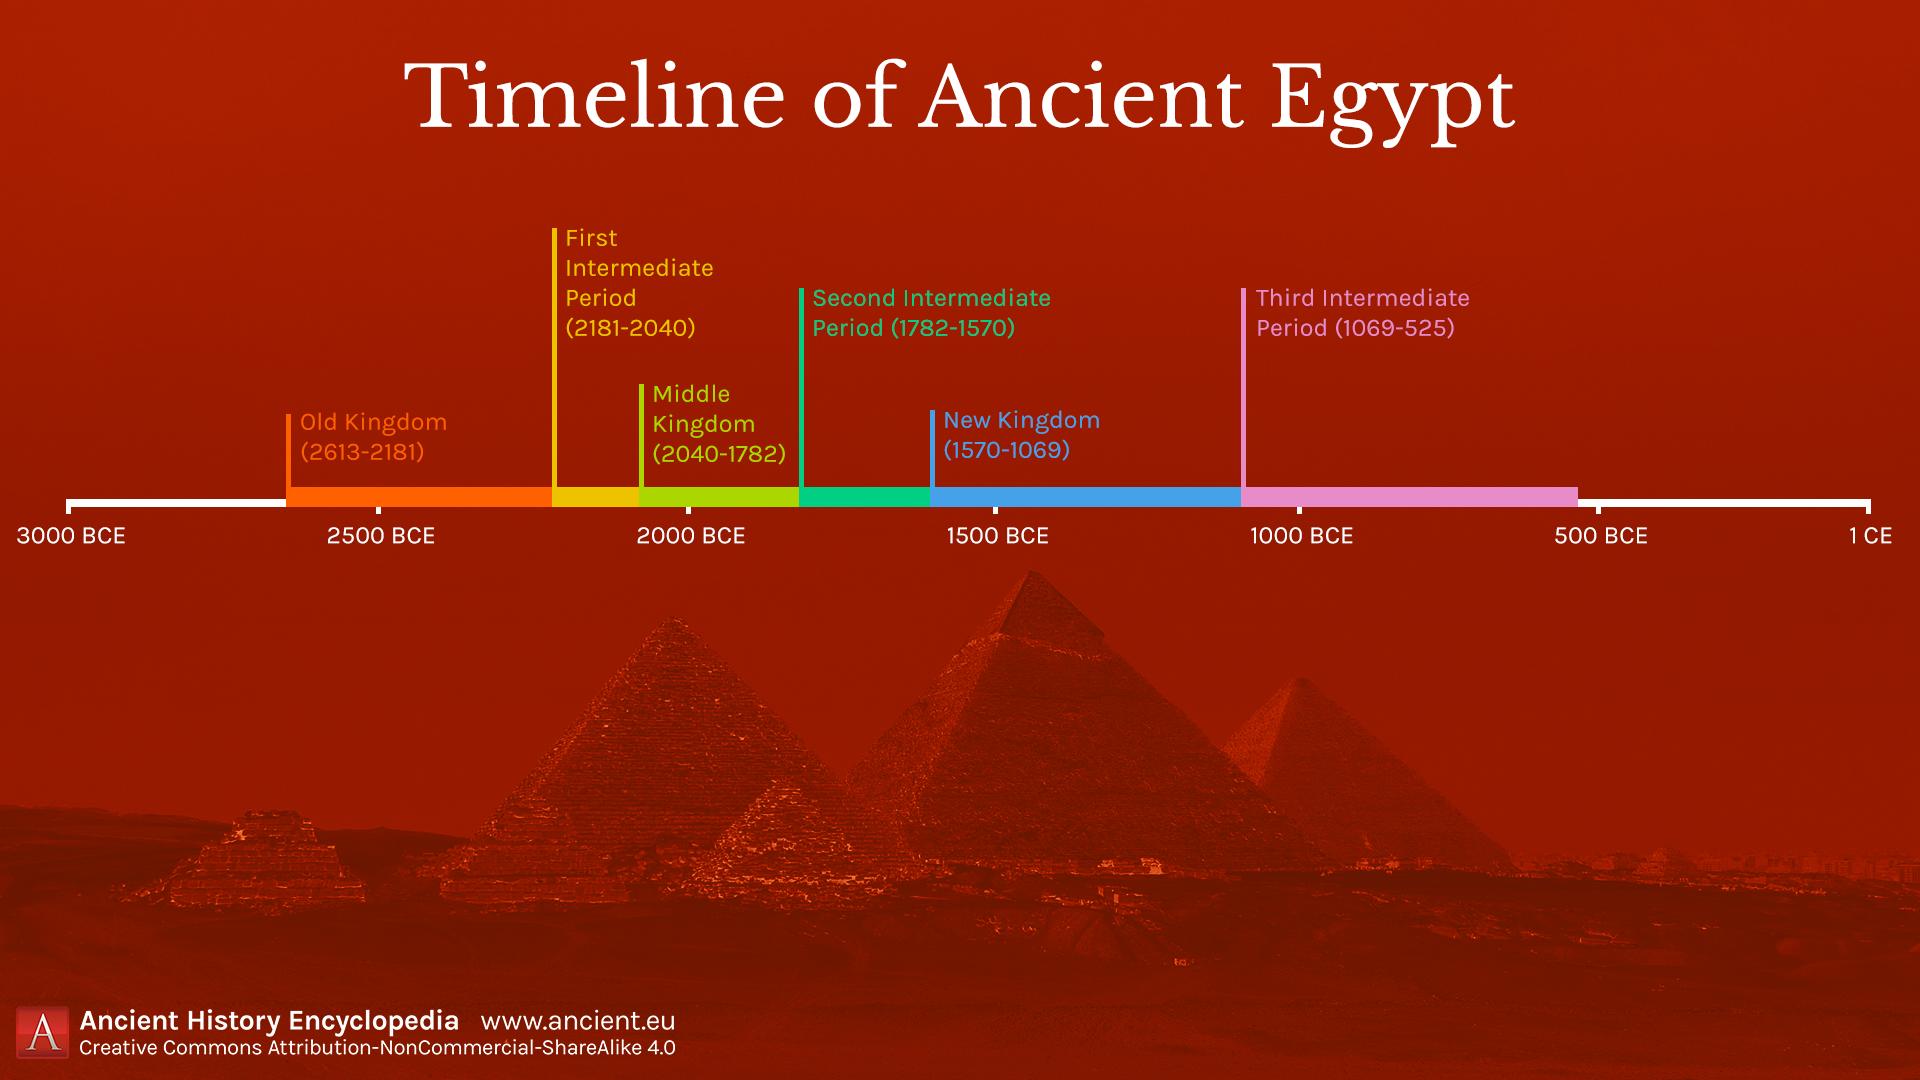 Bce timeline understanding Explanation of